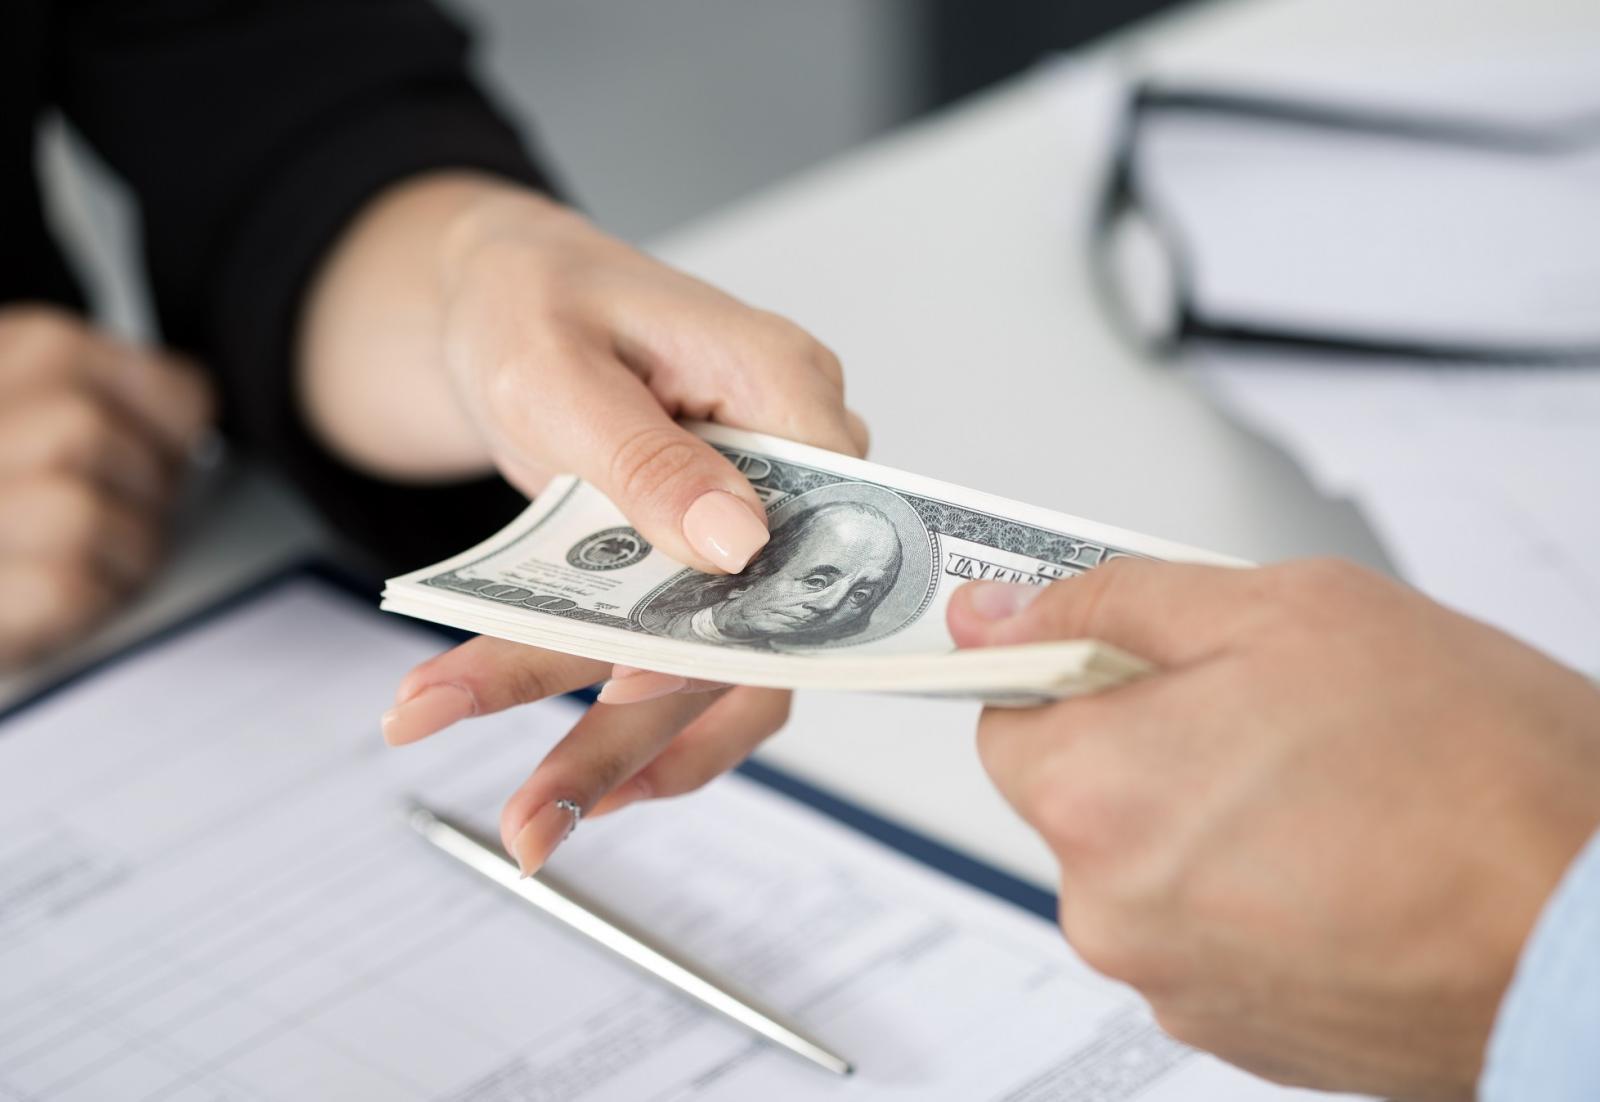 Mẫu xác nhận lương của ngân hàng Vietcombank